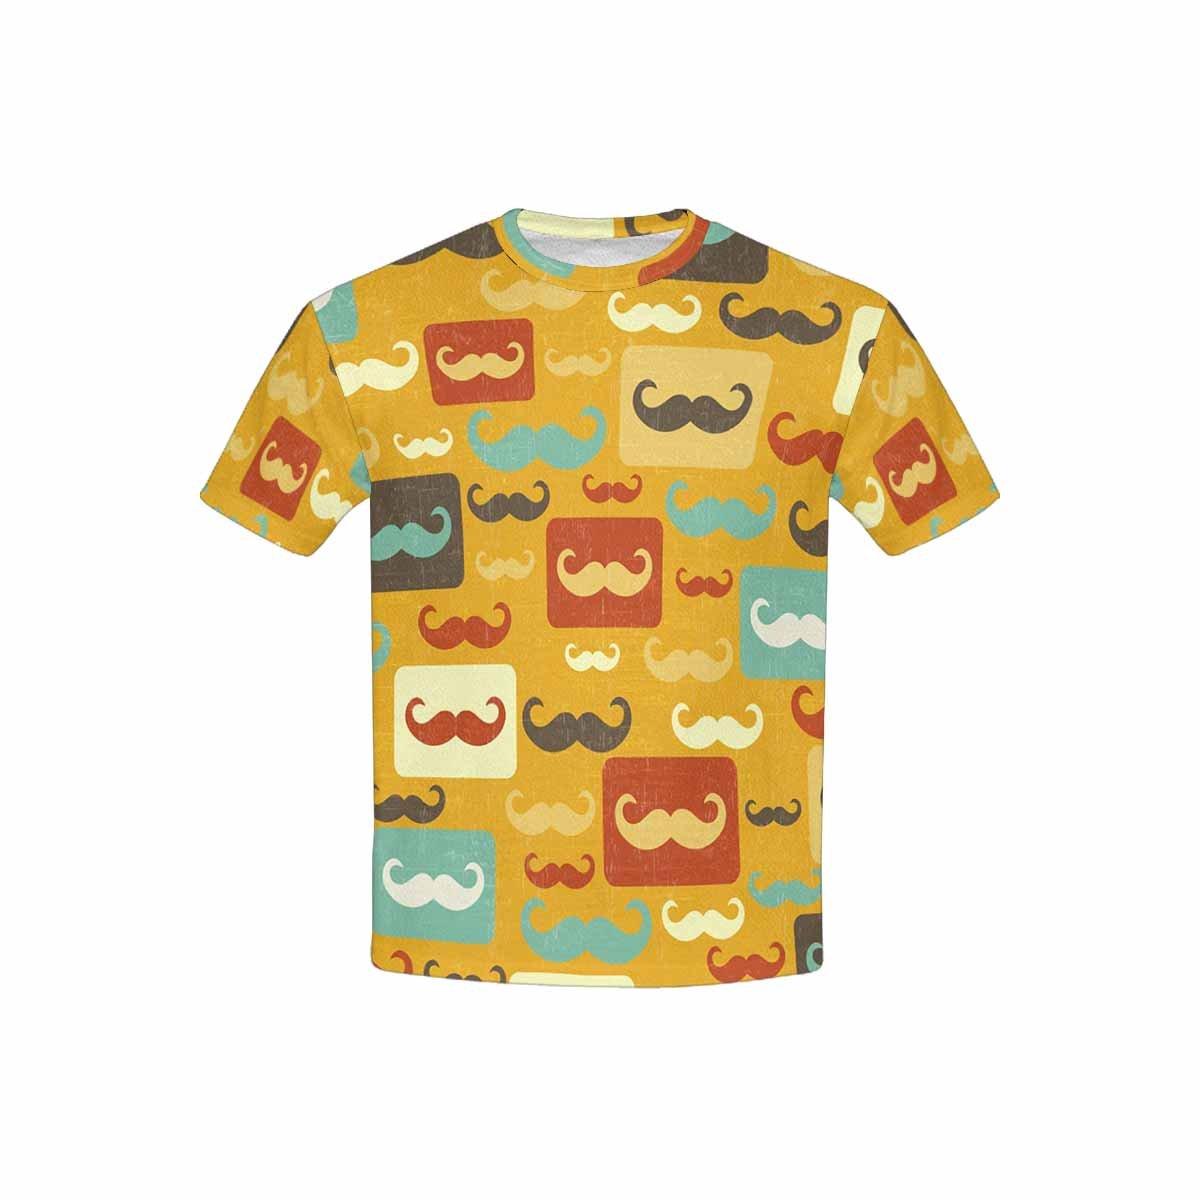 XS-XL INTERESTPRINT Youth Crew Neck T-Shirt Mustache